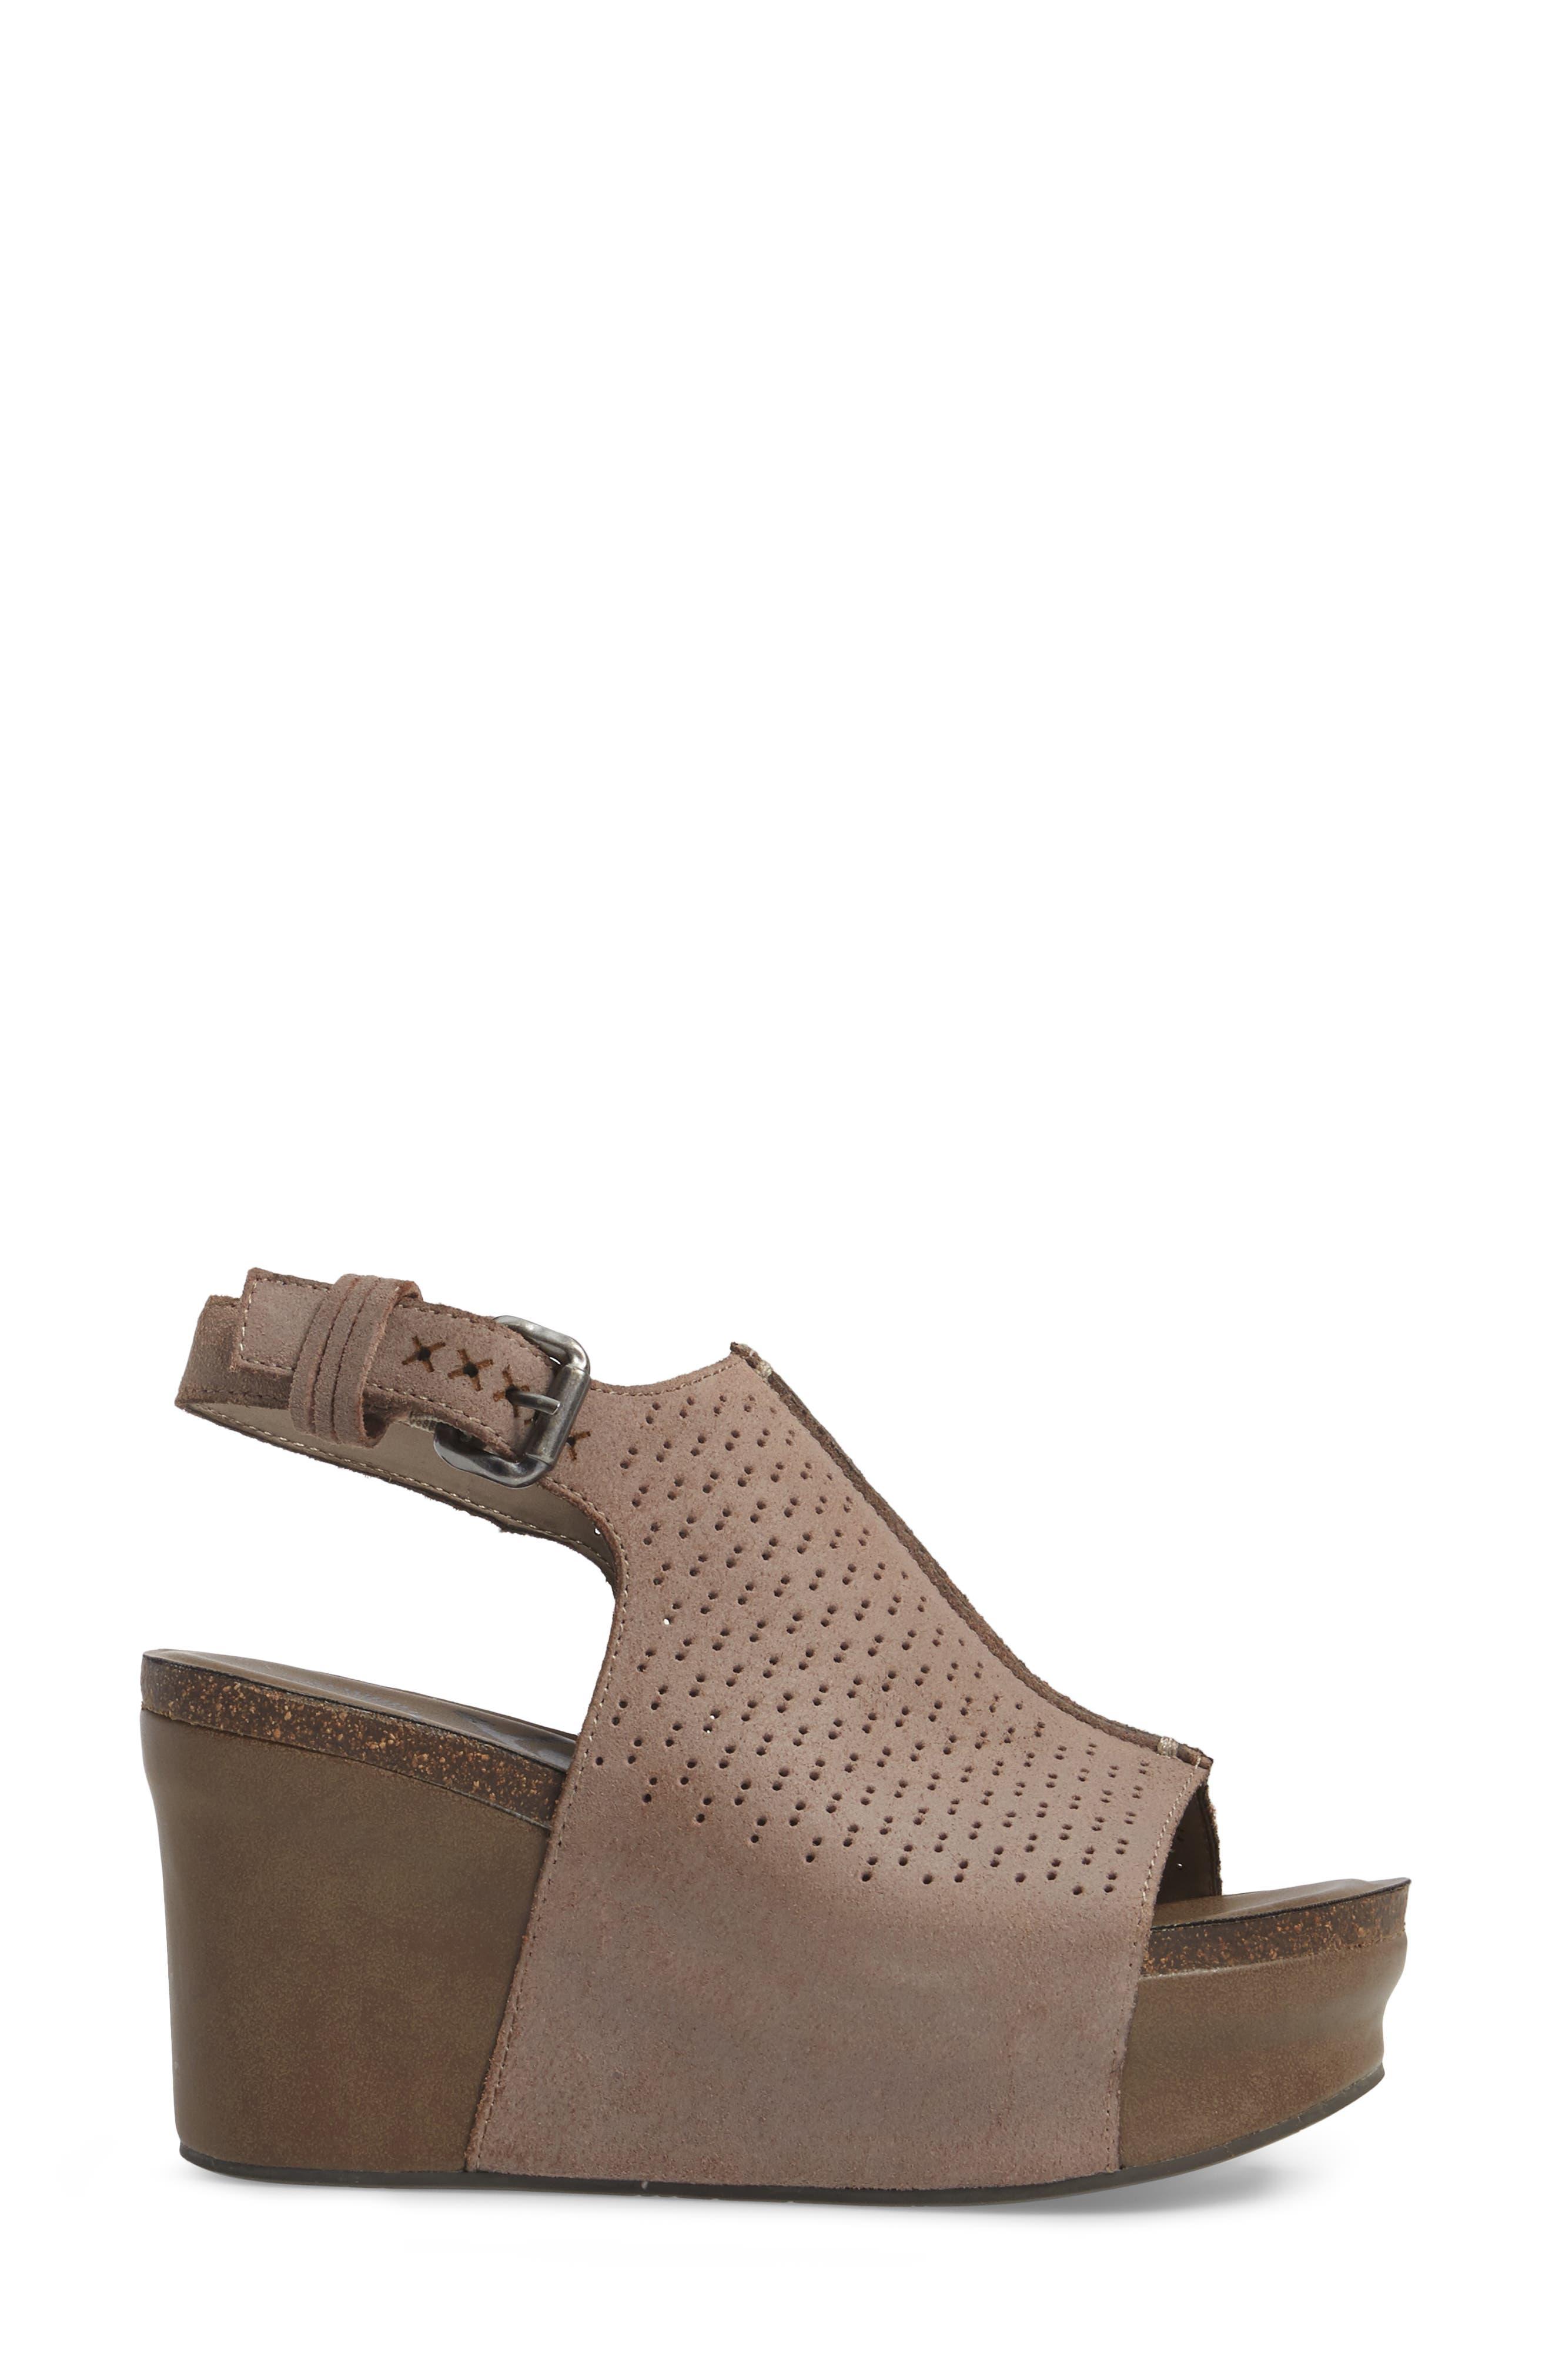 OTBT, Jaunt Platform Wedge Sandal, Alternate thumbnail 3, color, GREY POWDER SUEDE